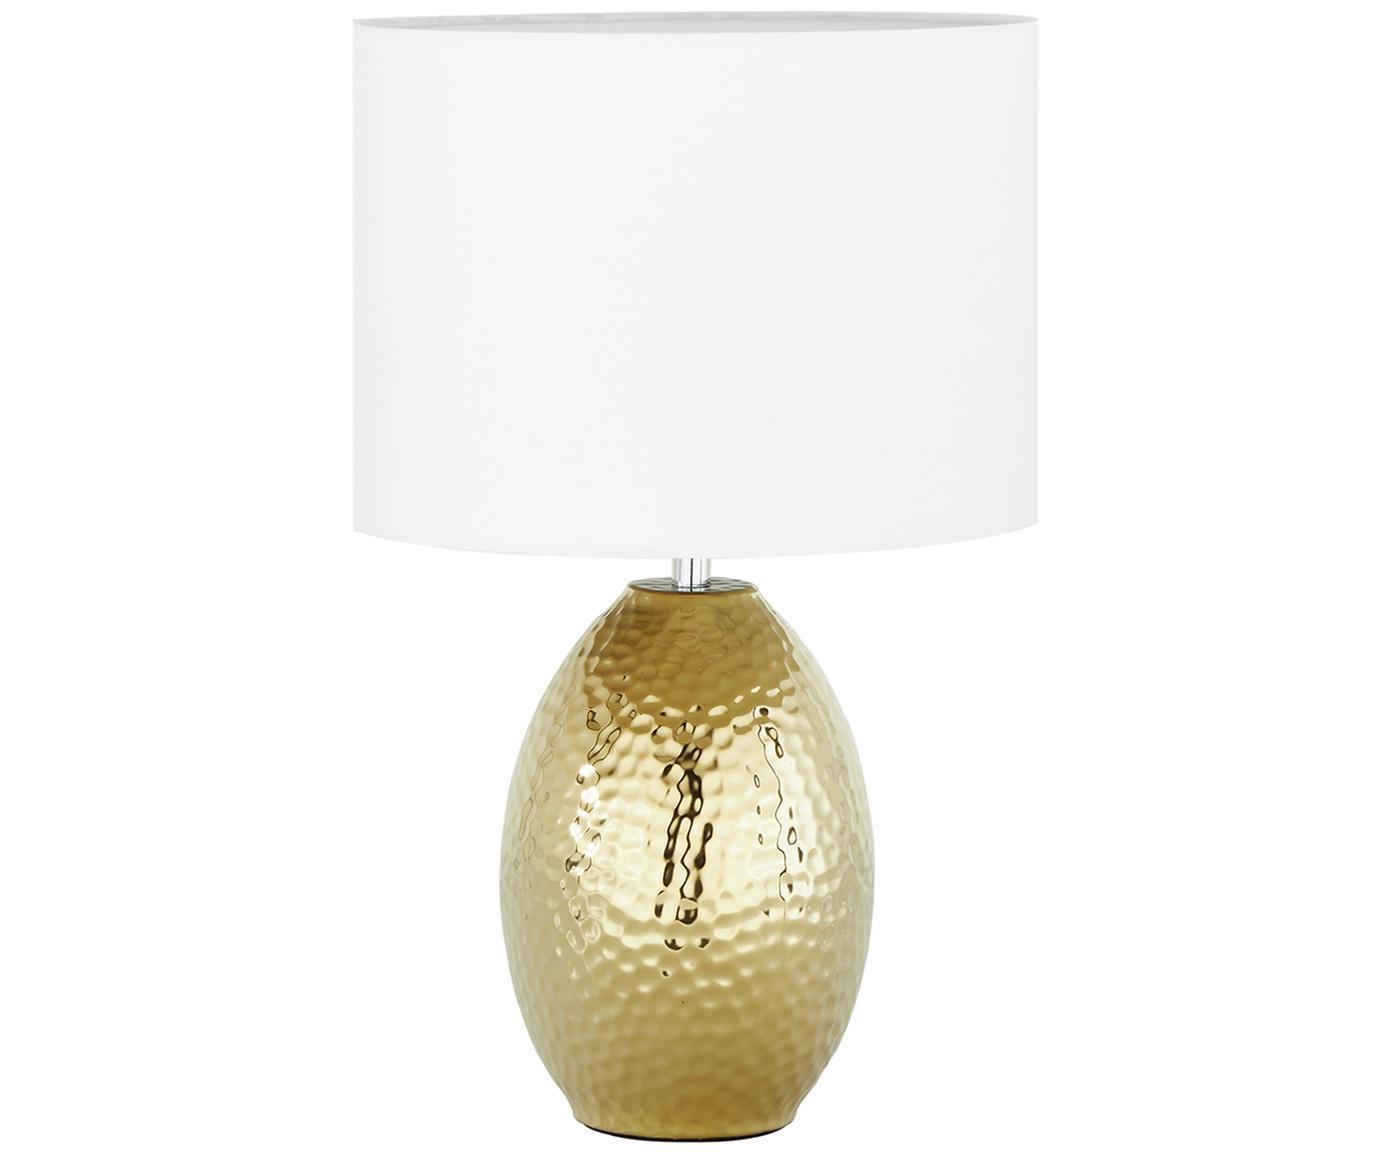 Tafellamp Eleanora, Lampenkap: textiel, Lampvoet: keramiek, Fitting: verchroomd metaal, Wit, goudkleurig, Ø 20 x H 47 cm